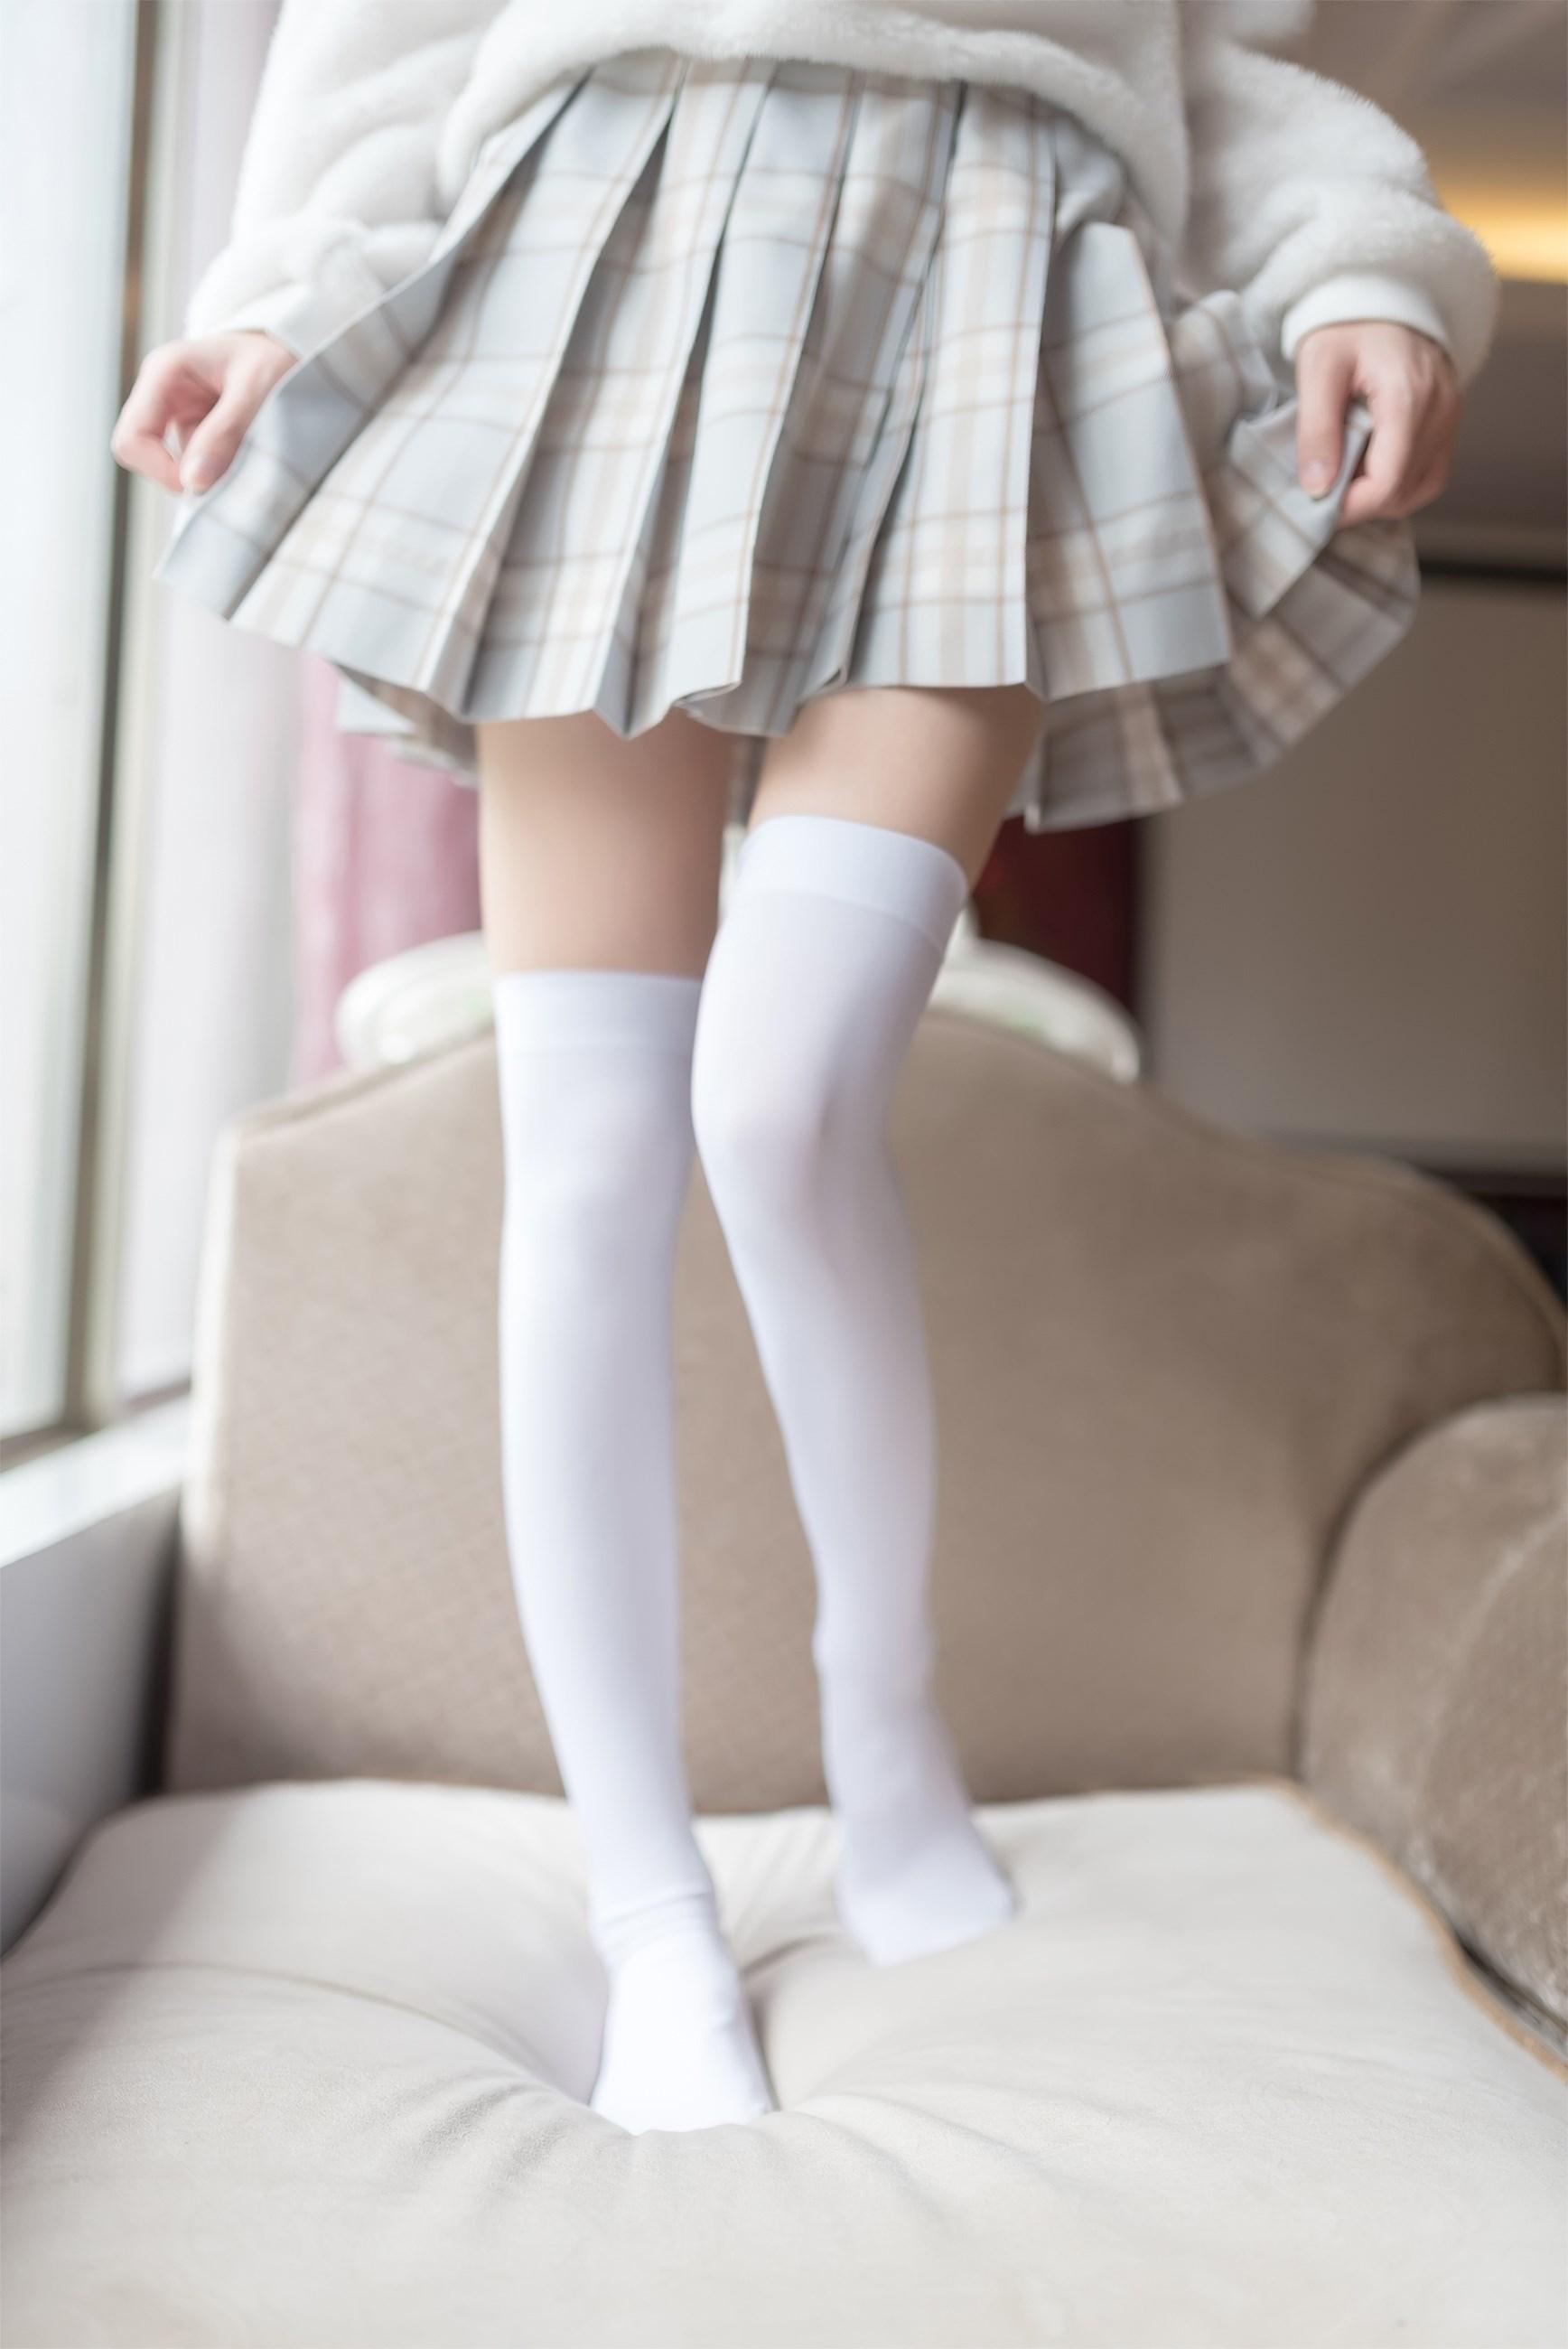 【兔玩映画】露肩少女 兔玩映画 第34张